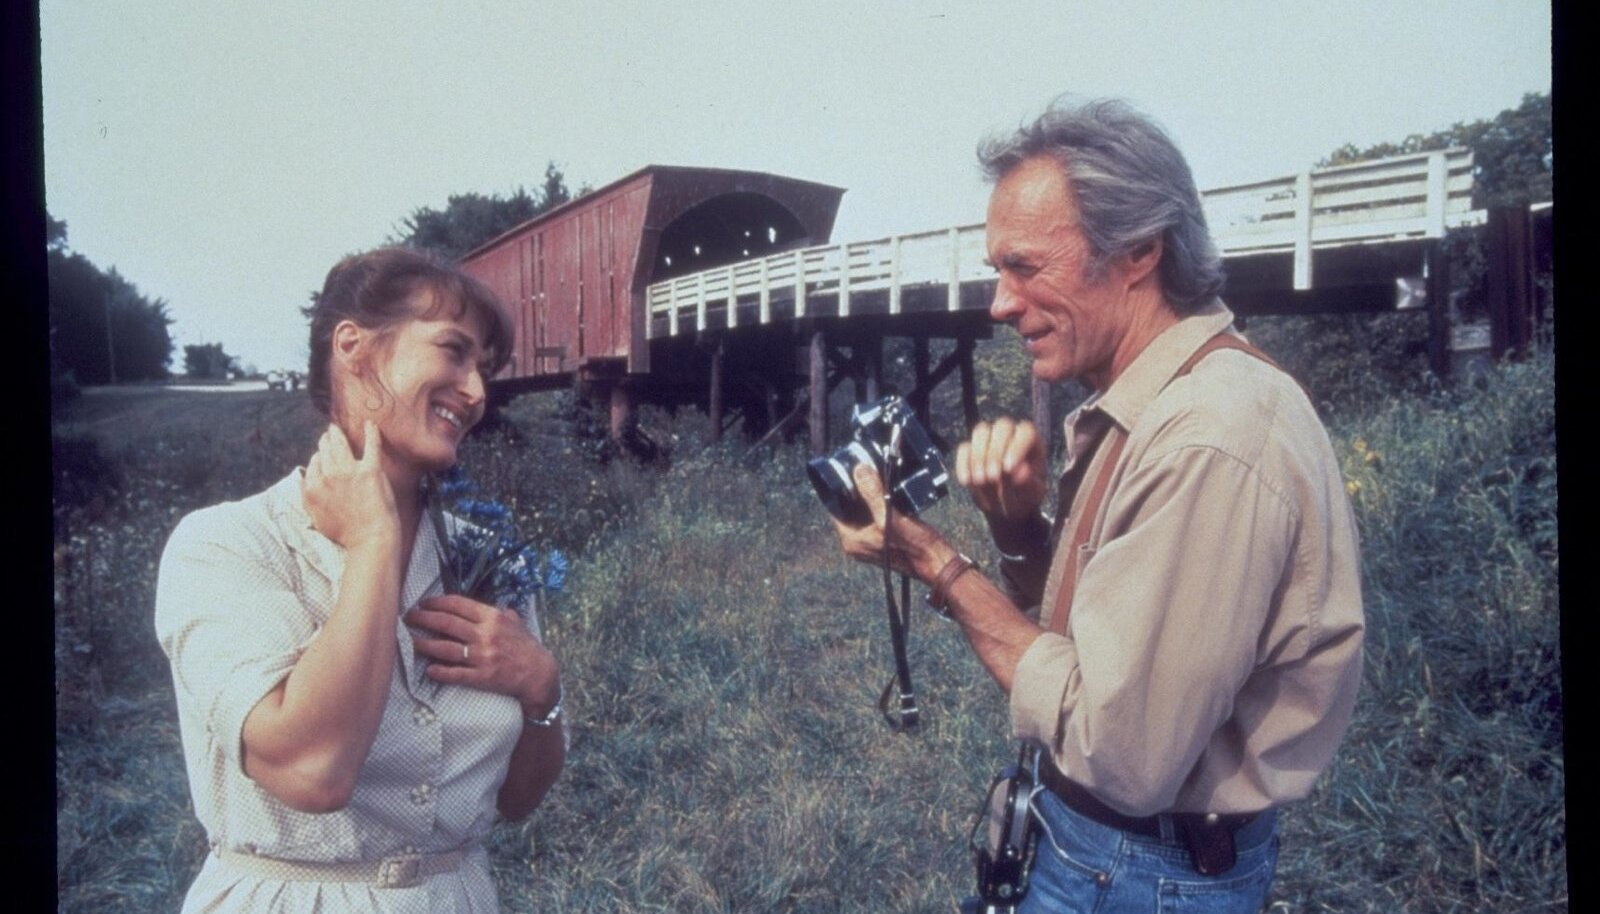 Samanimelises romantilises draamas kehastasid peategelasi Francescat ja Robertit Meryl Streep ja Clint Eastwood.